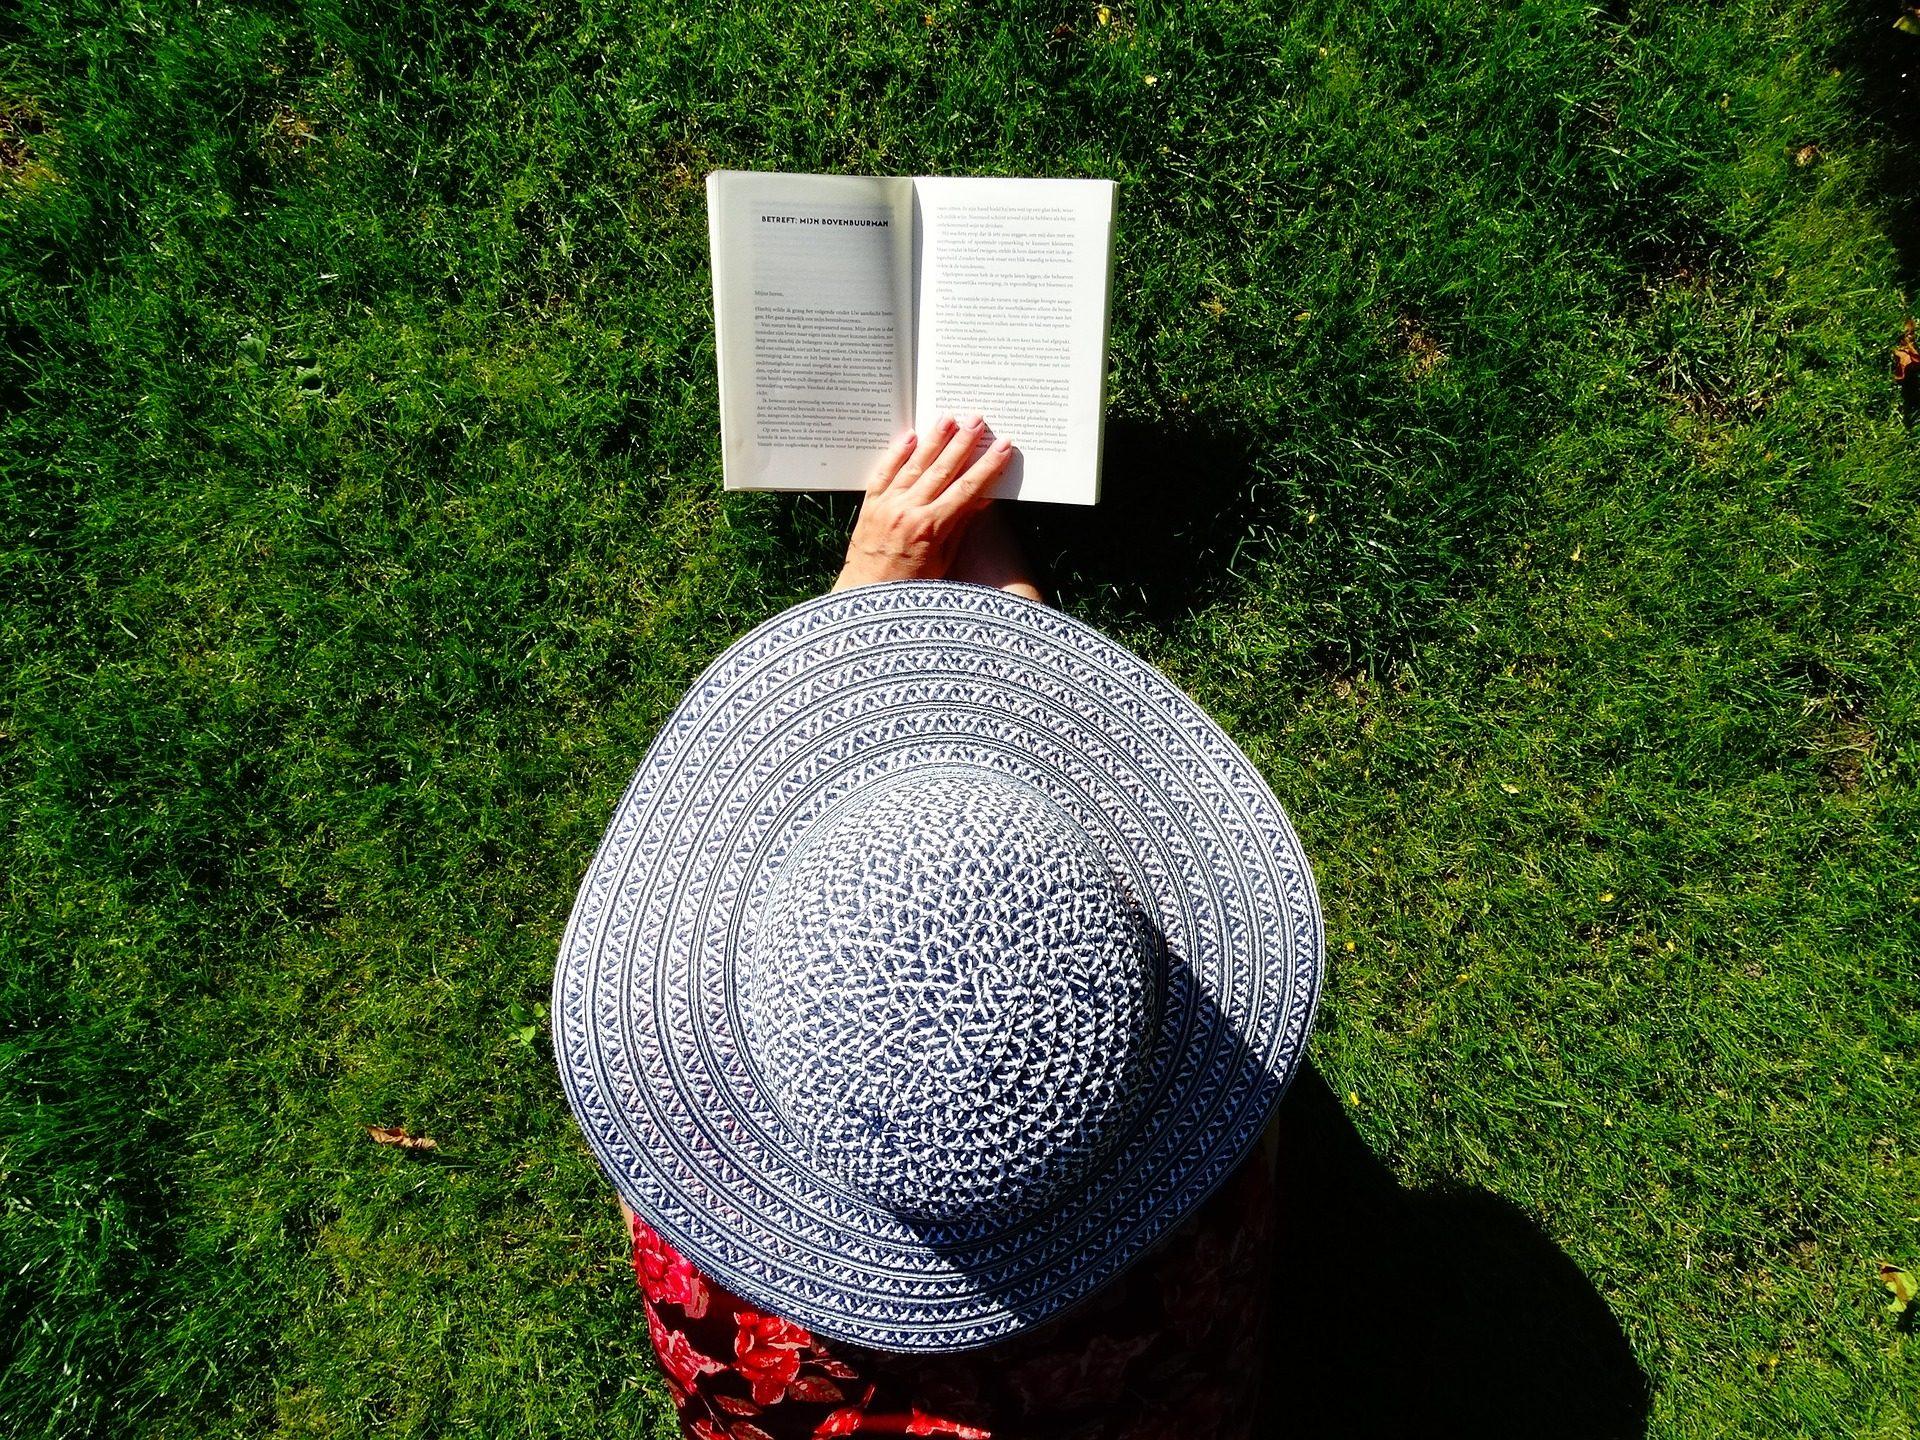 Cappello, donna, lettura, Libro, Jardín, rilassarsi - Sfondi HD - Professor-falken.com